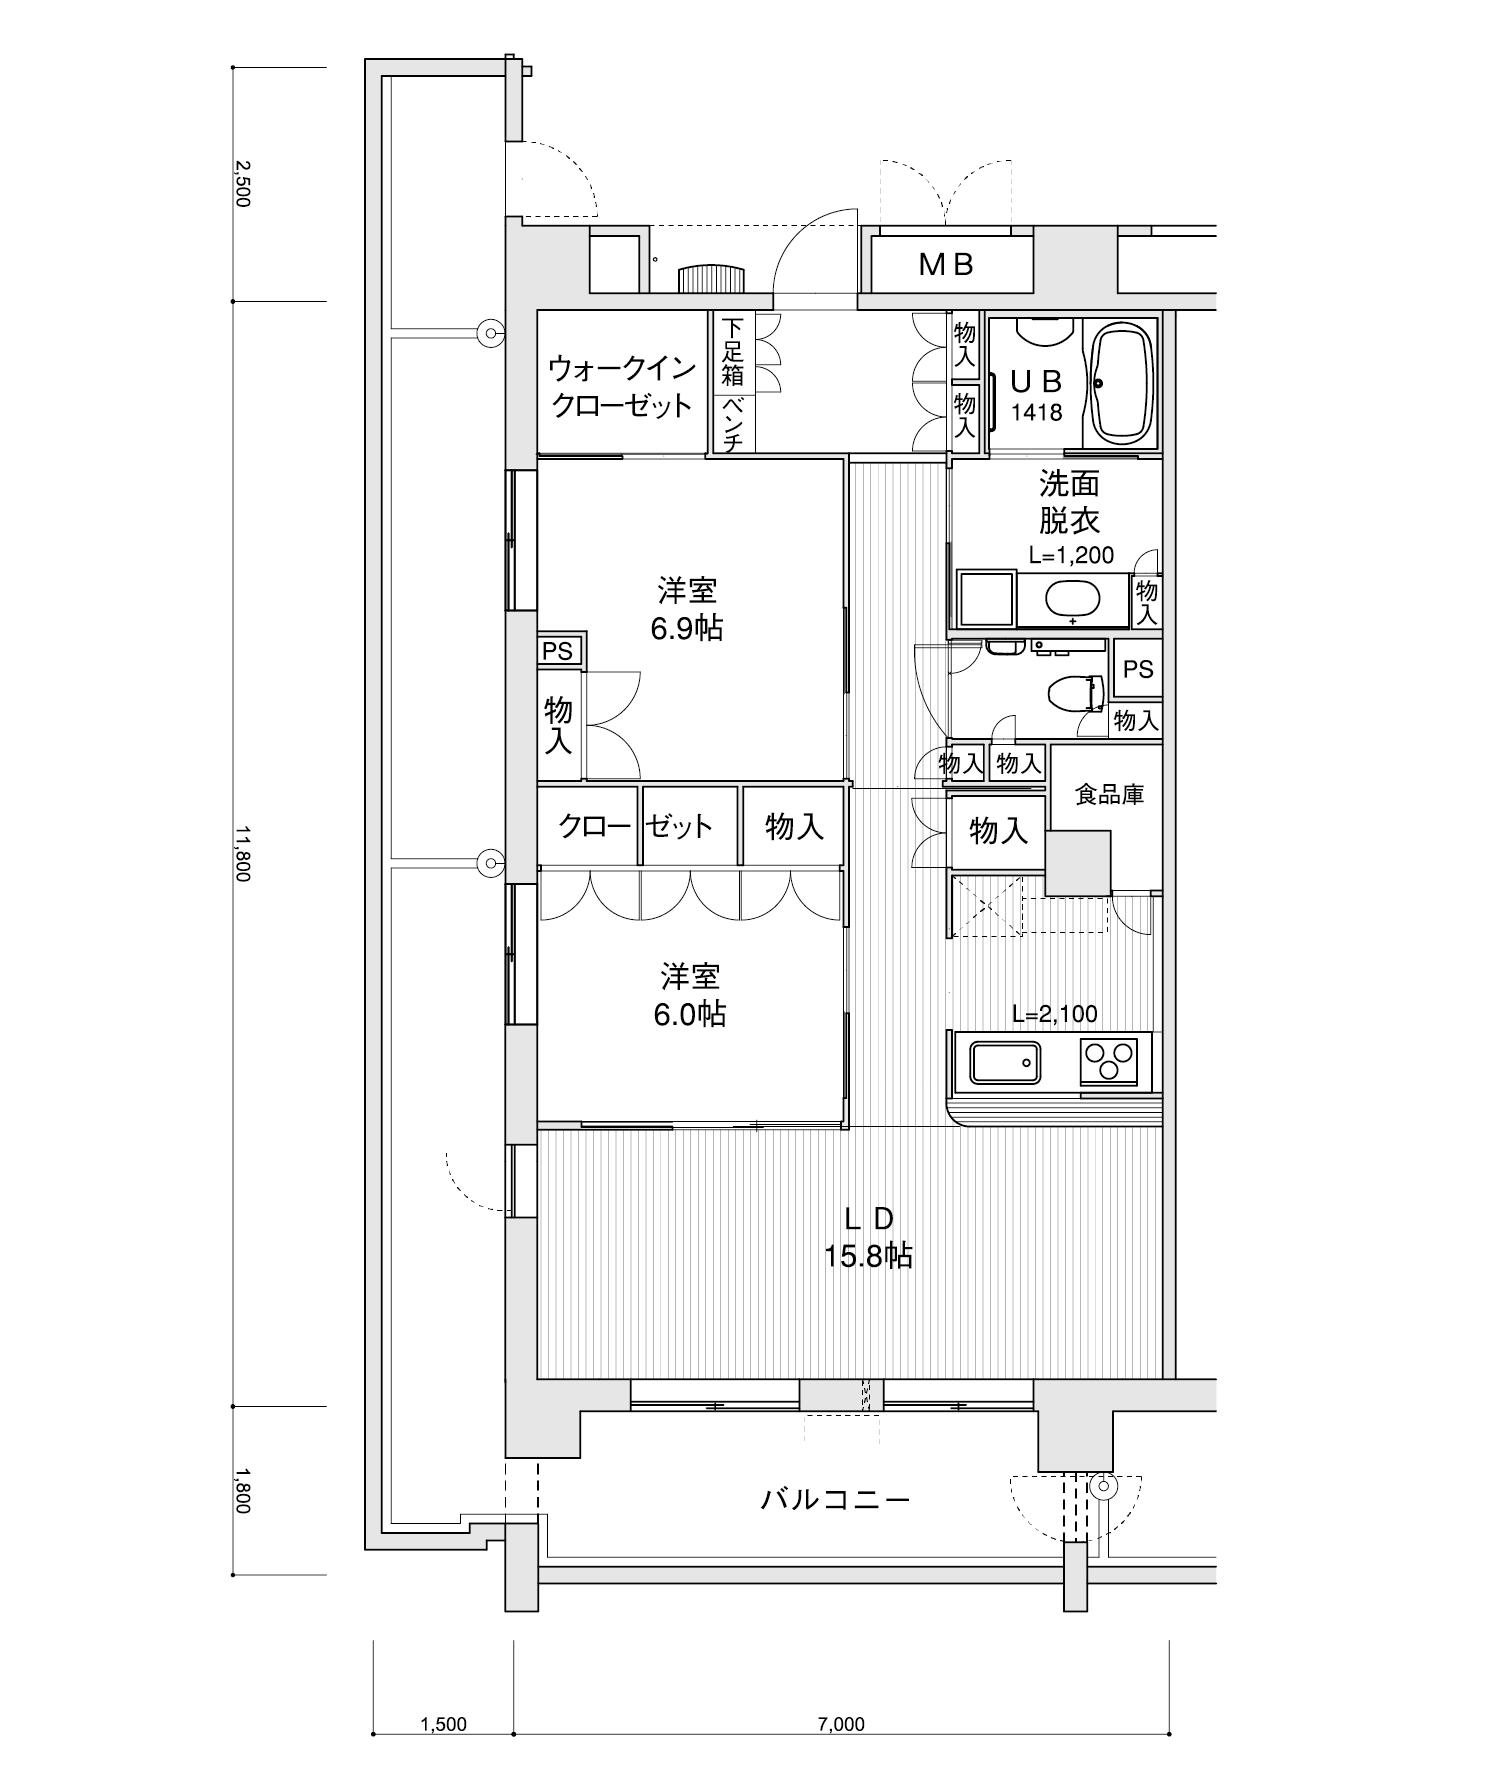 2201-I12LDK専有面積 / 82.60m²